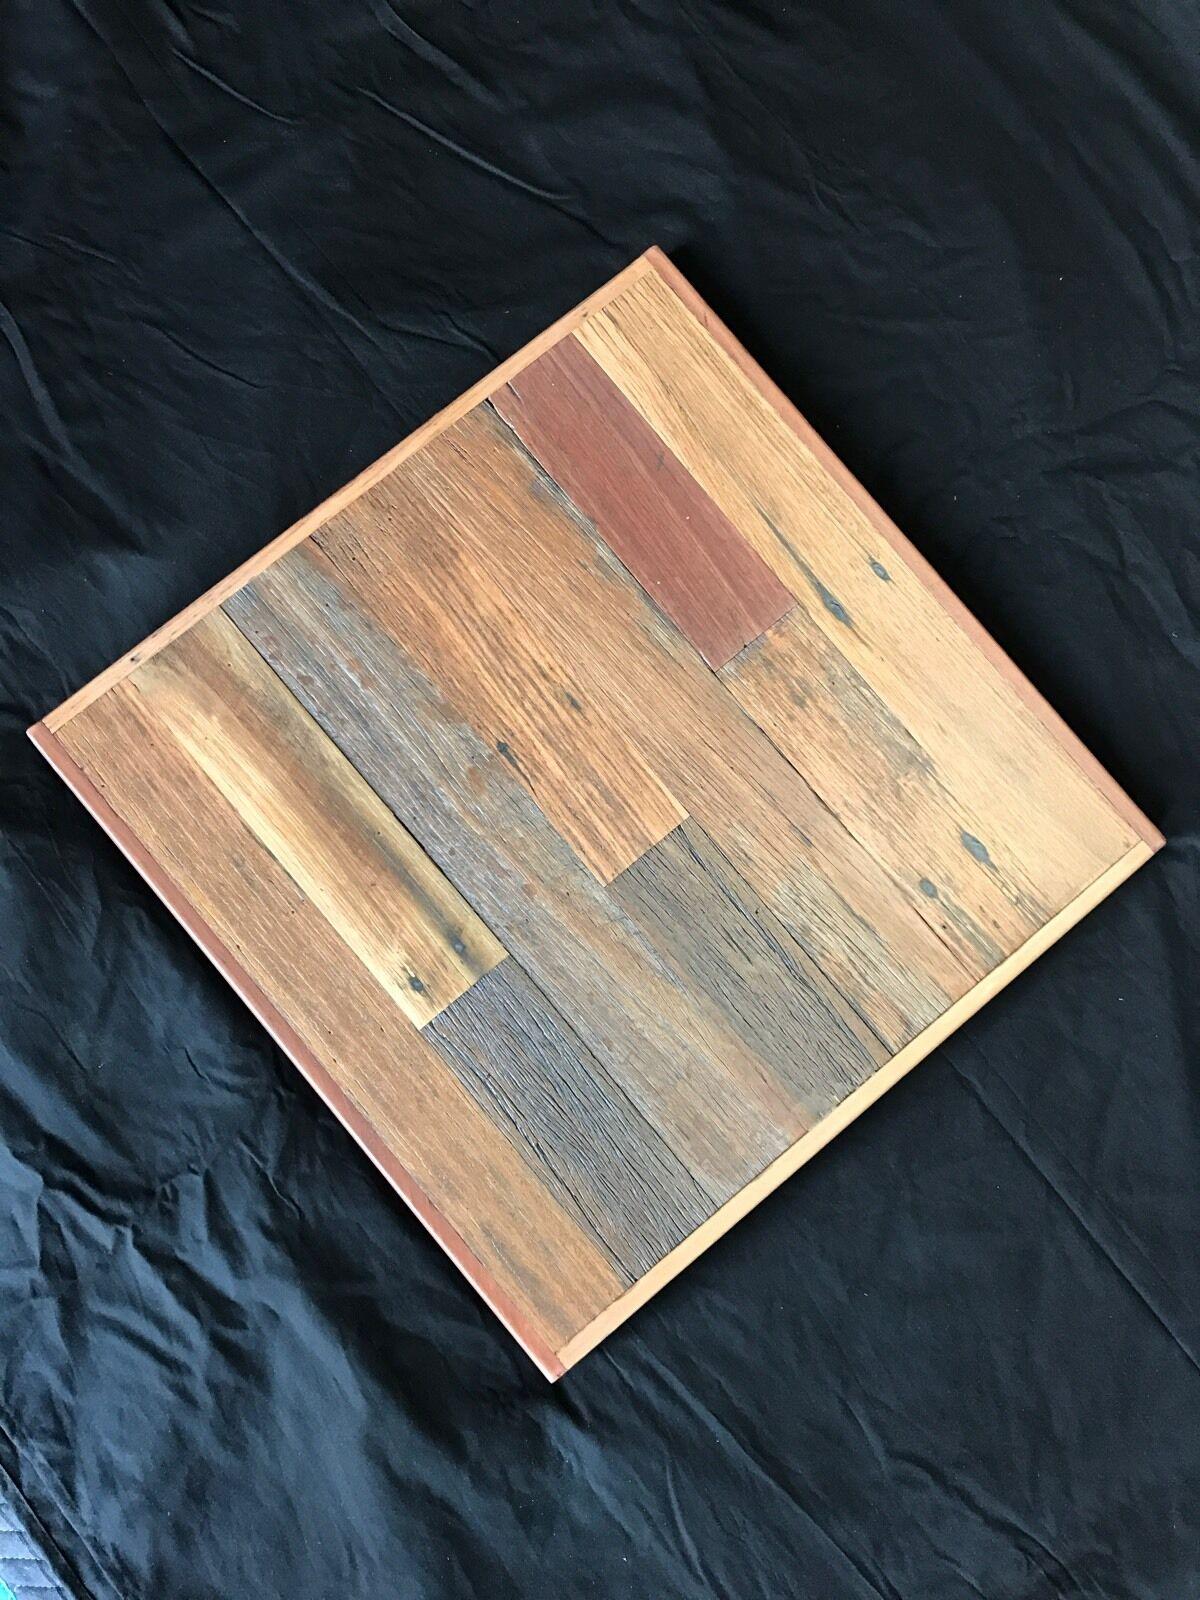 Aus Made Cafe Bar Table Top - Hardwood Timber- AUSFURNITURE